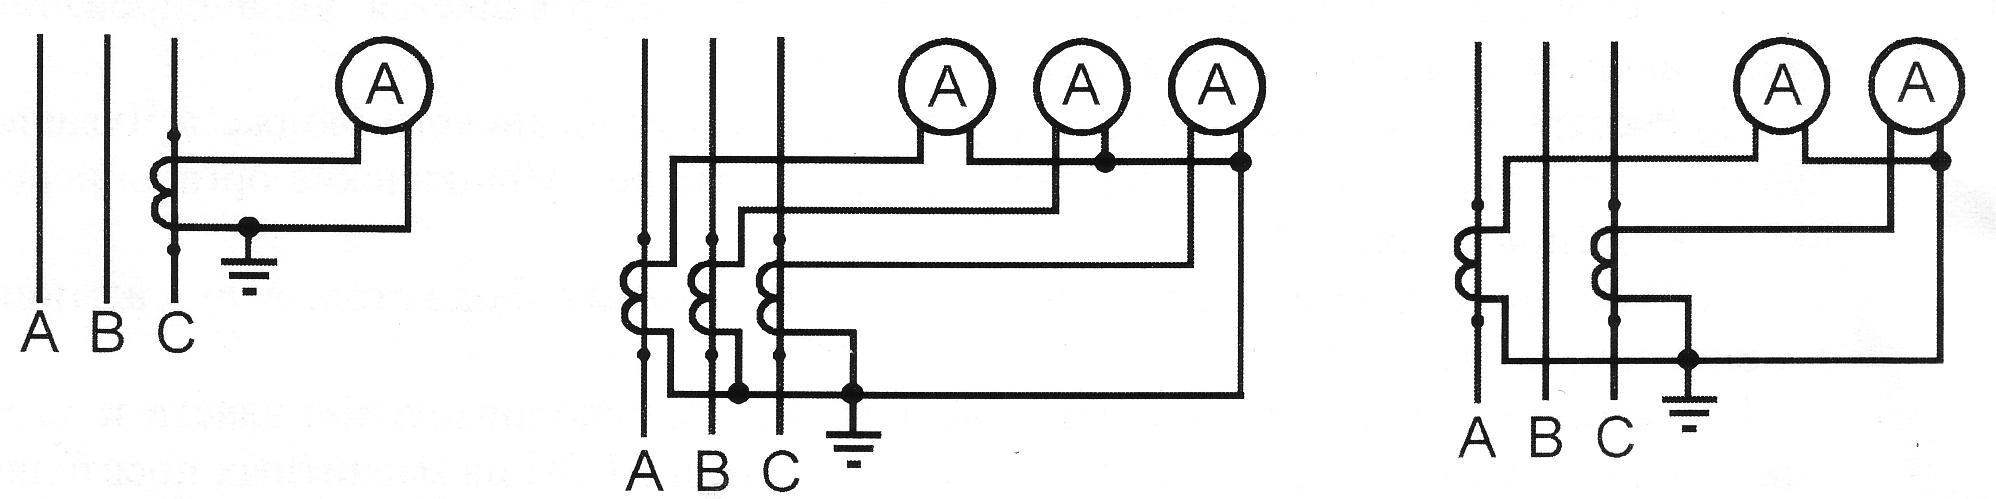 Трансформатор тока амперметр схема подключения5